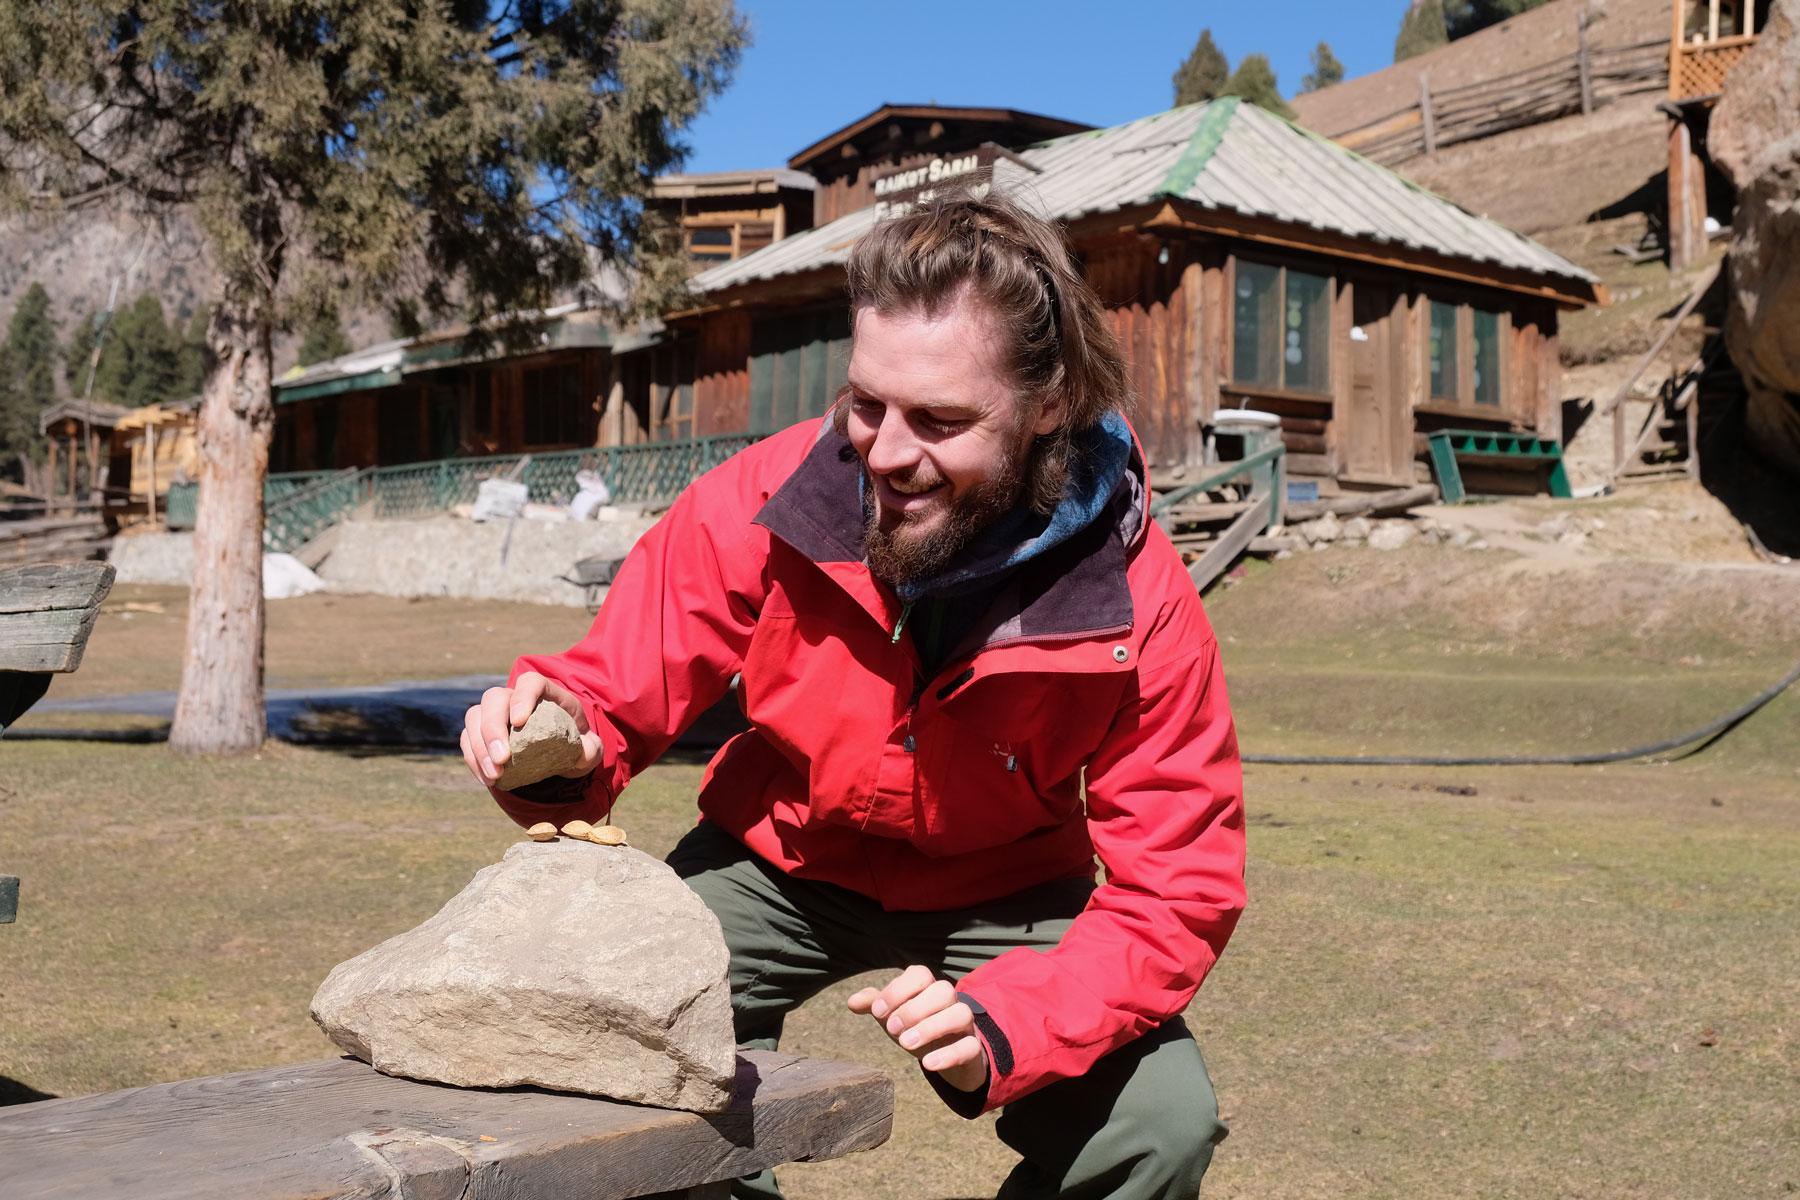 Sebastian knackt Mandeln mit einem Stein.